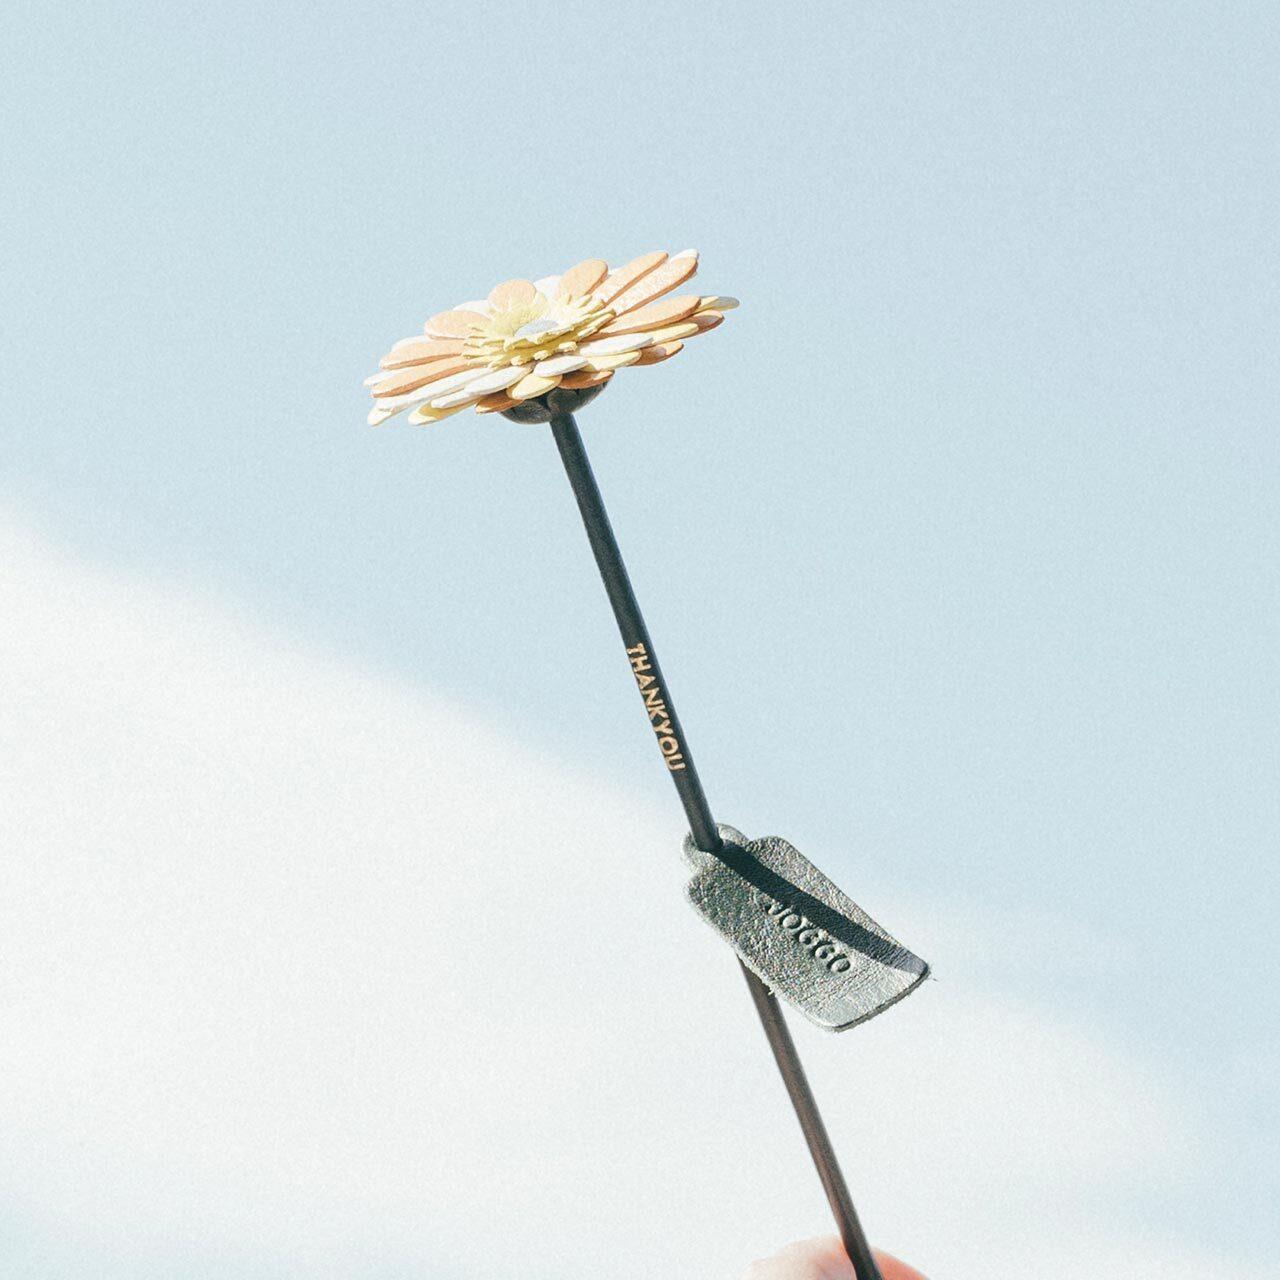 【限定デザイン】革の一輪花(ガーベラ)